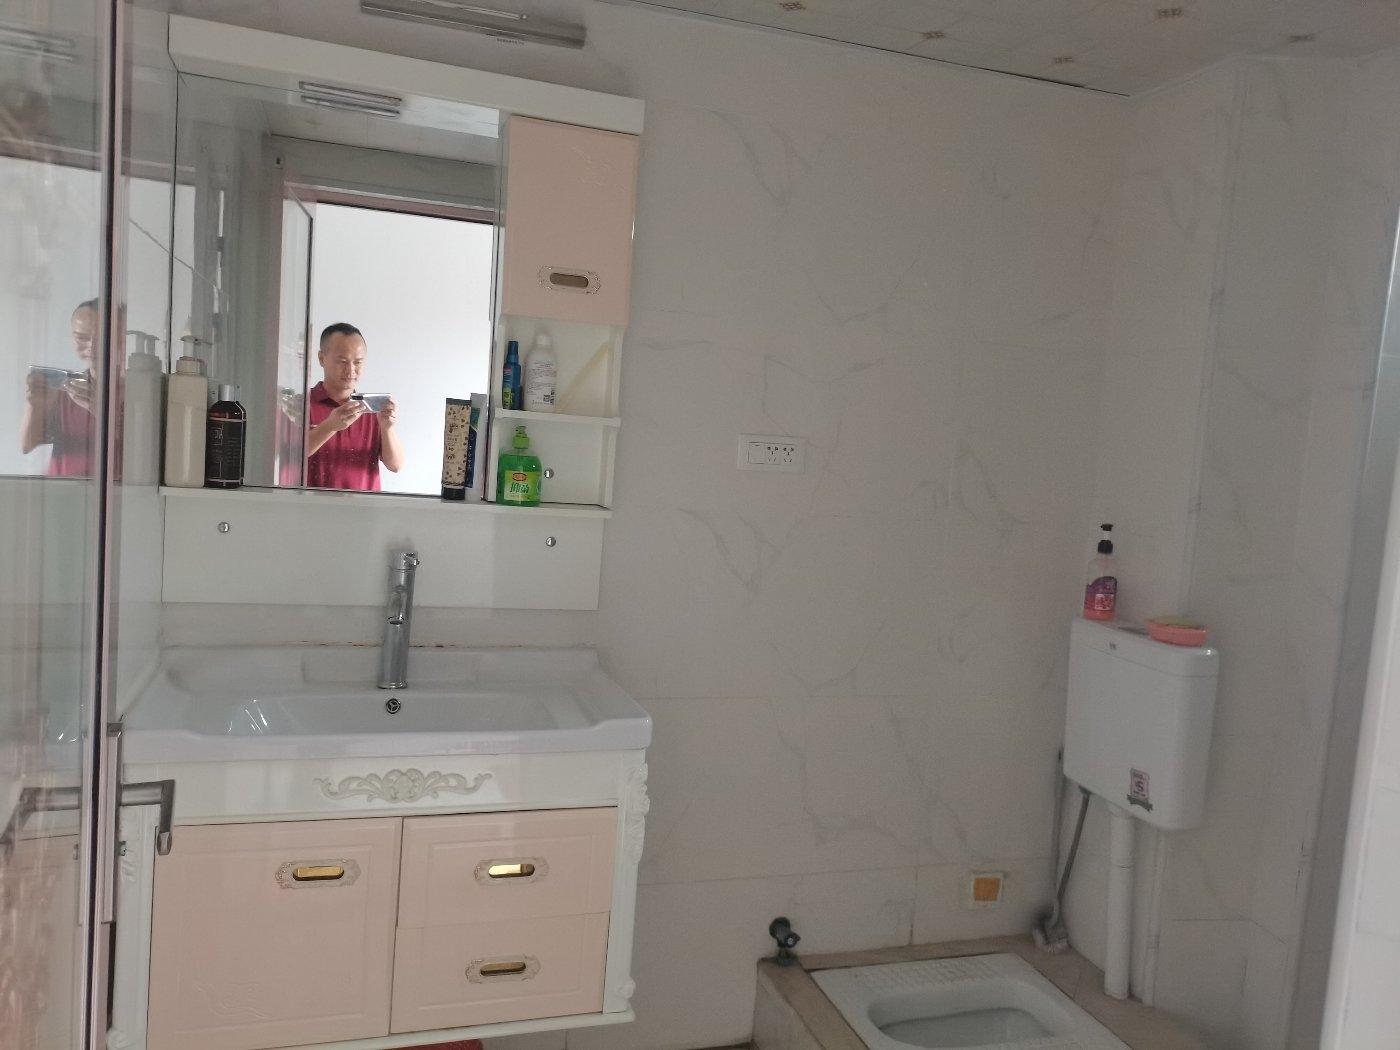 闽侯区 龙旺理想天街3房80万二手房厨房及卫生间图